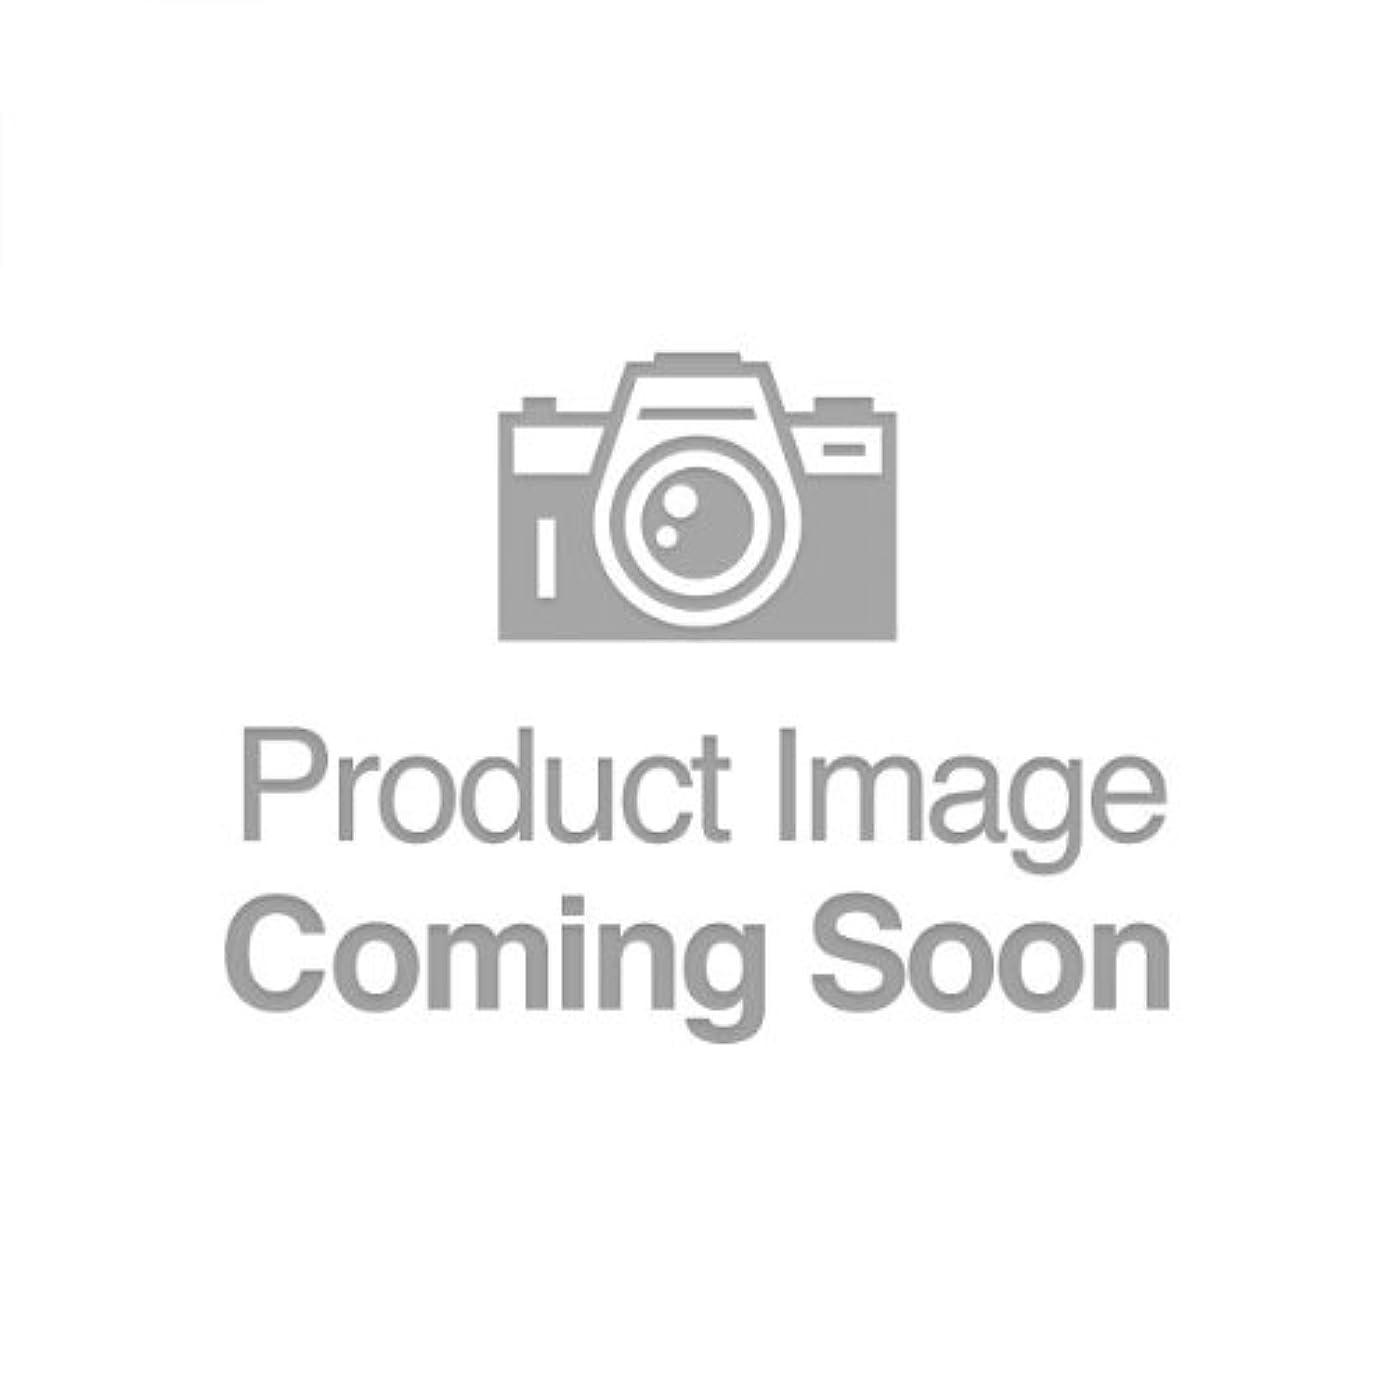 論理的にフレッシュ毛皮ネイチャーズゲート ホホバ(JO)コンディショナー [海外直送品]